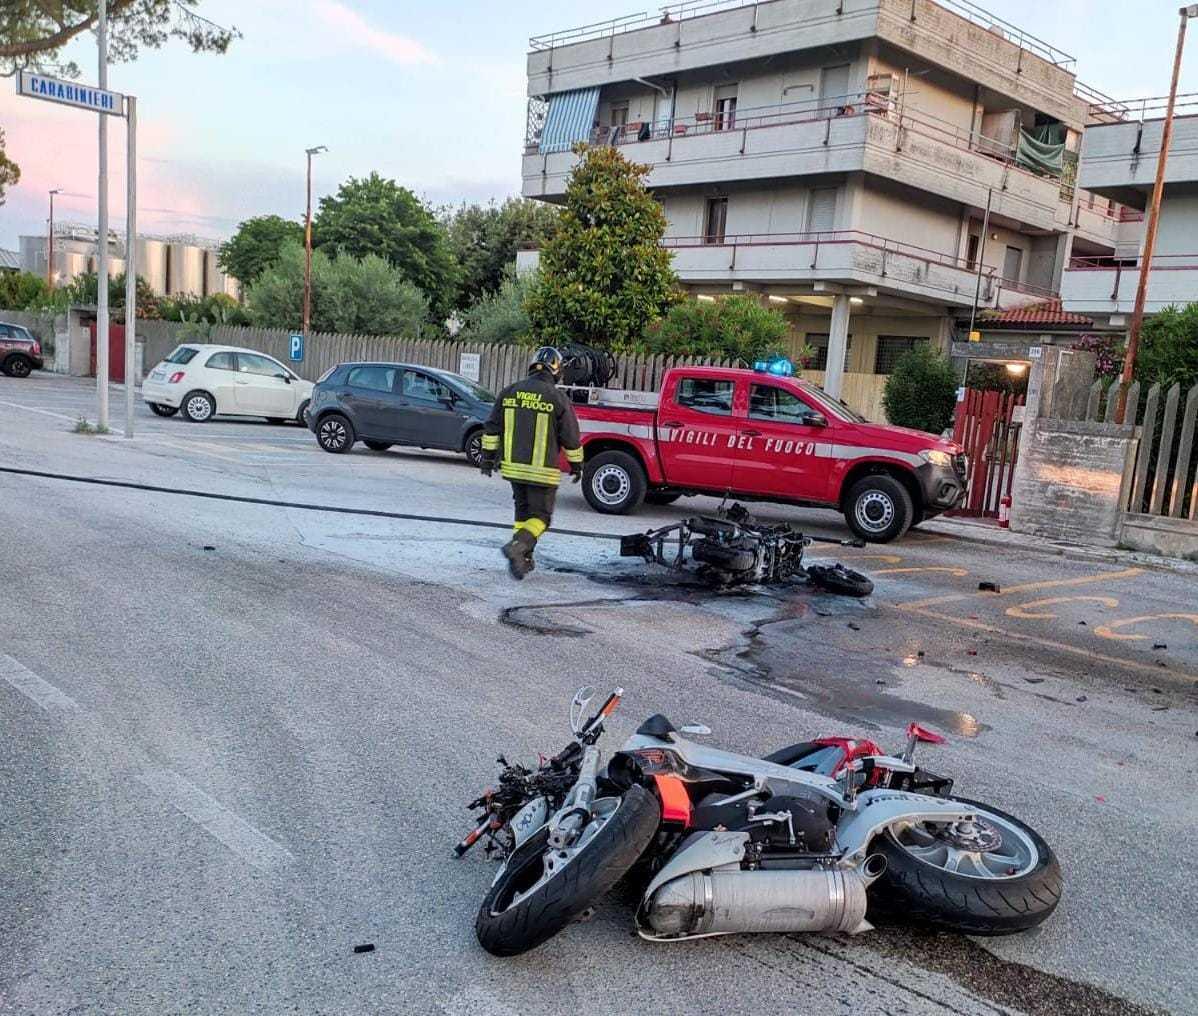 foto- -martinsicuro,-scontro-tra-moto-e-scooter:-morti-due-giovani-centauri